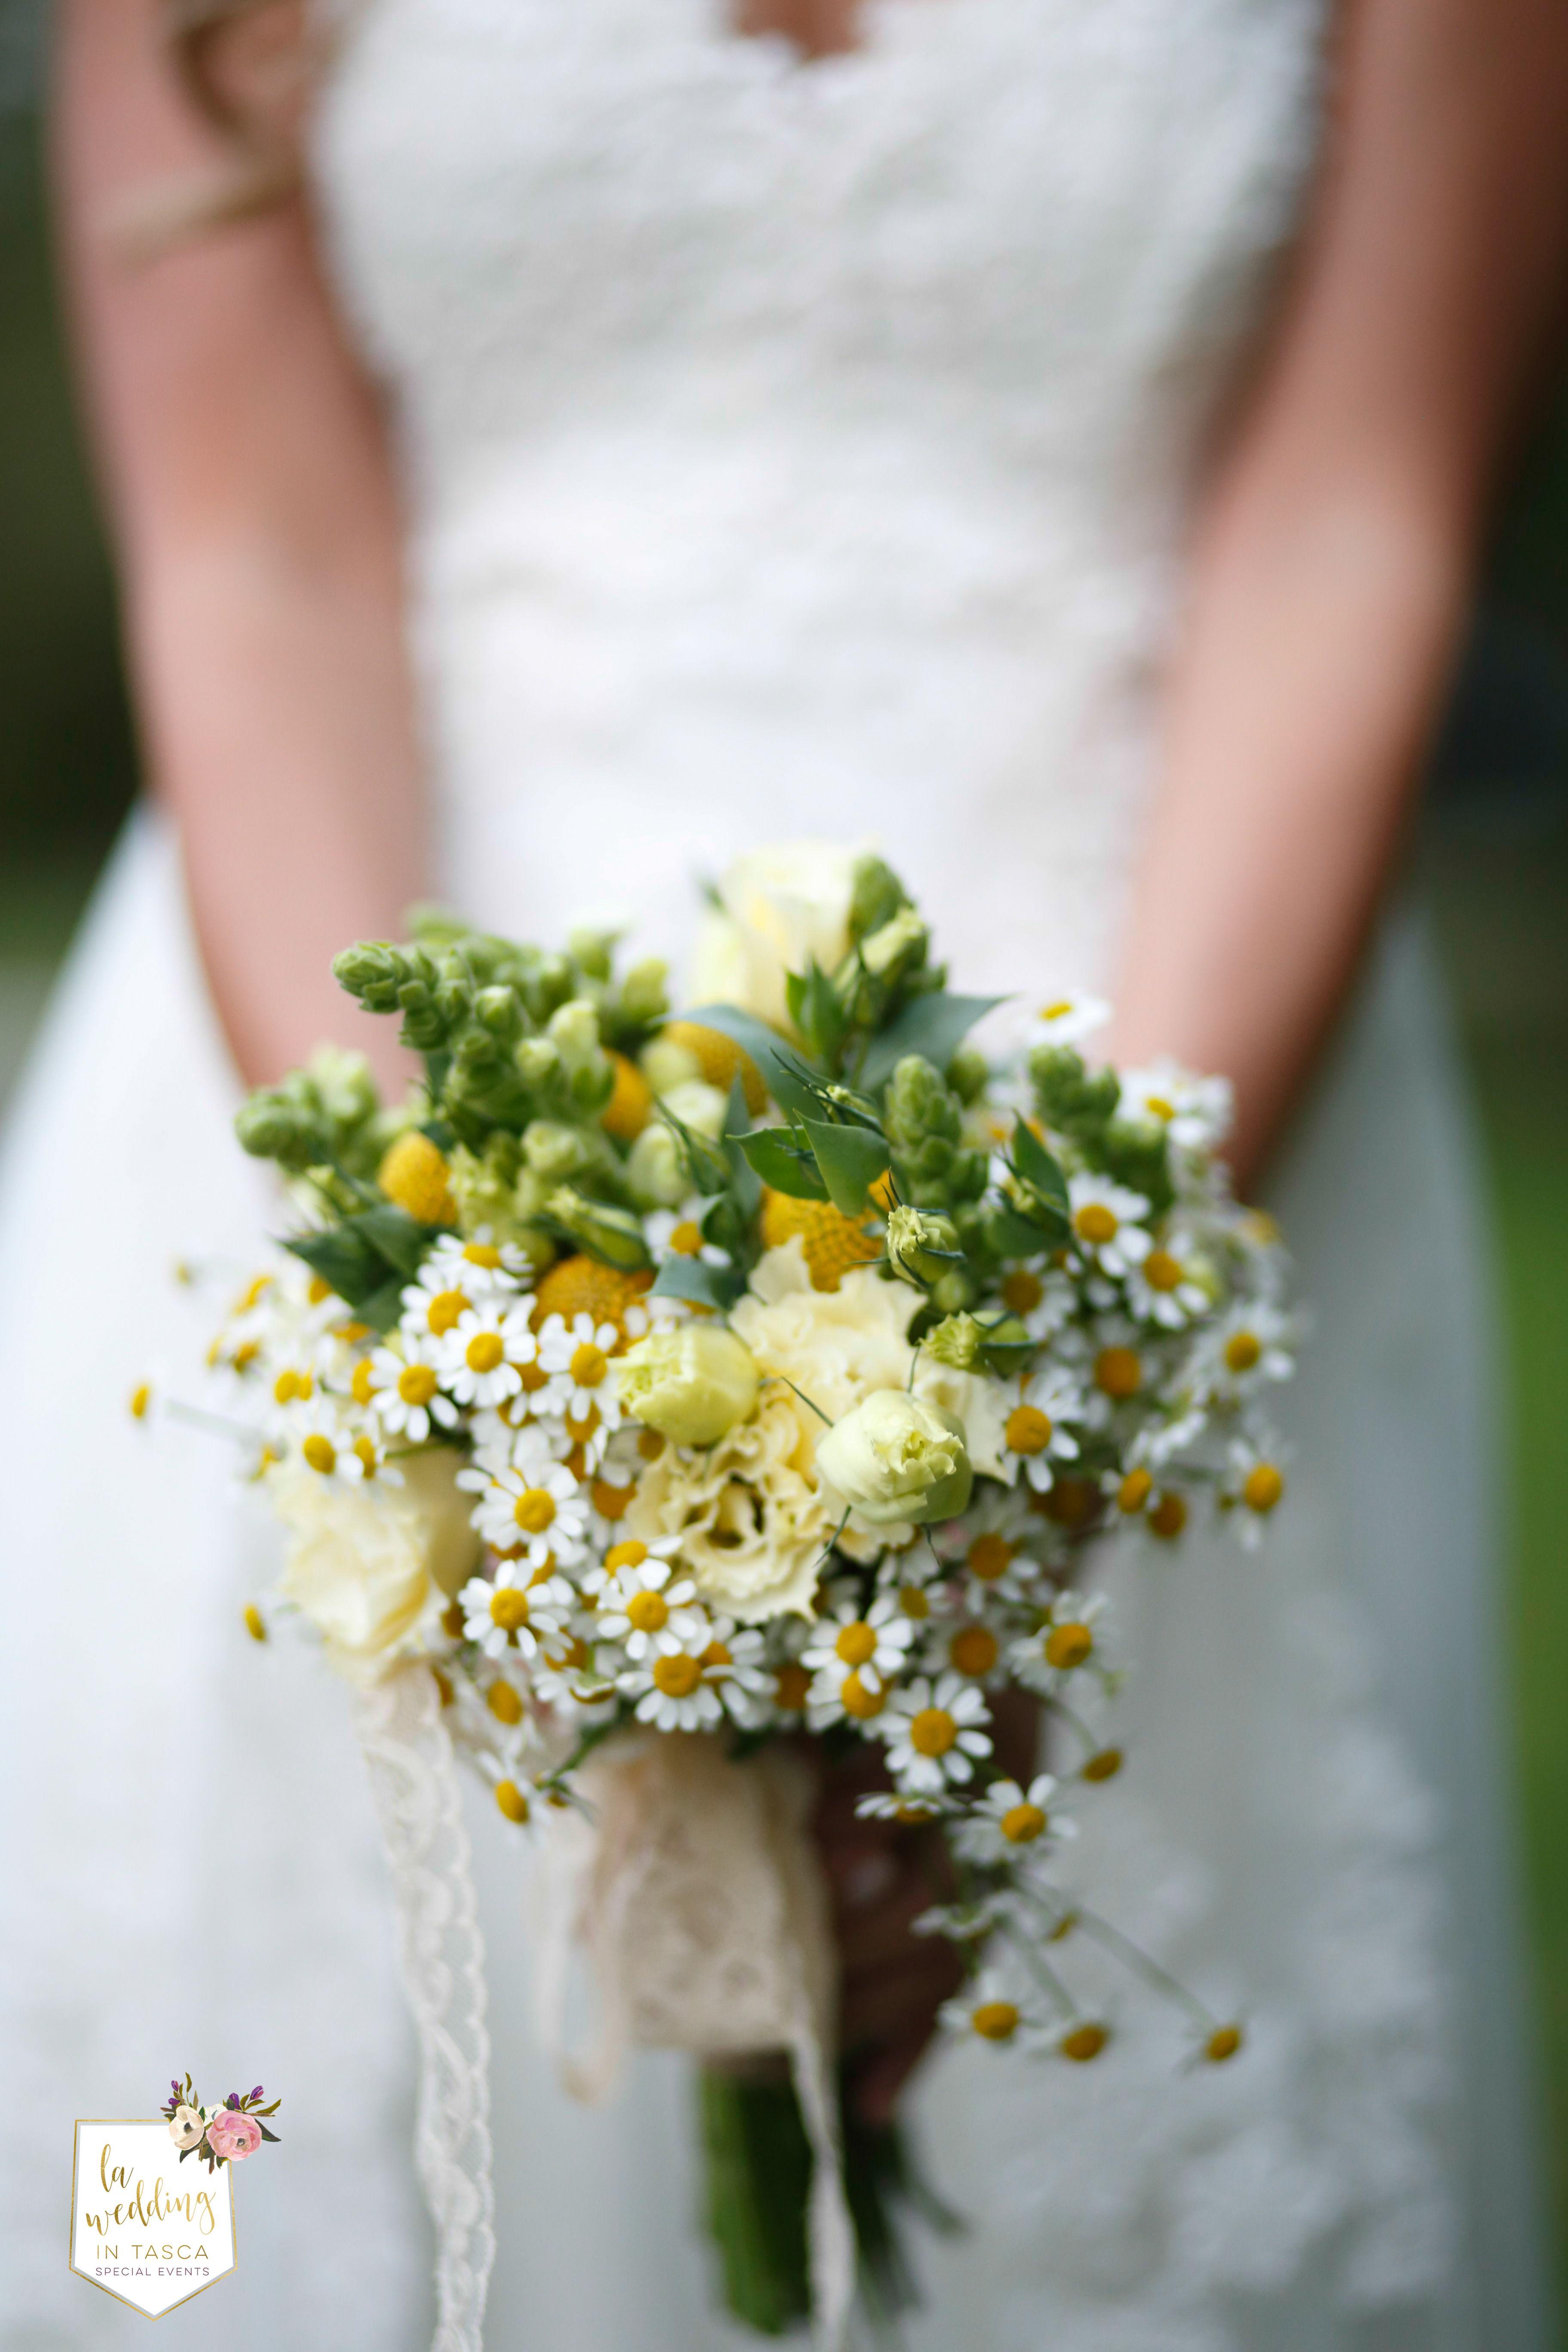 Il #bouquet di Alice realizzato da @anaphalis era semplicemente splendido....  Fotografato magistralmente da @vanitywedding Ti piace? Lo avresti voluto diverso? wedding #countrychicbouquet made with #chamomile